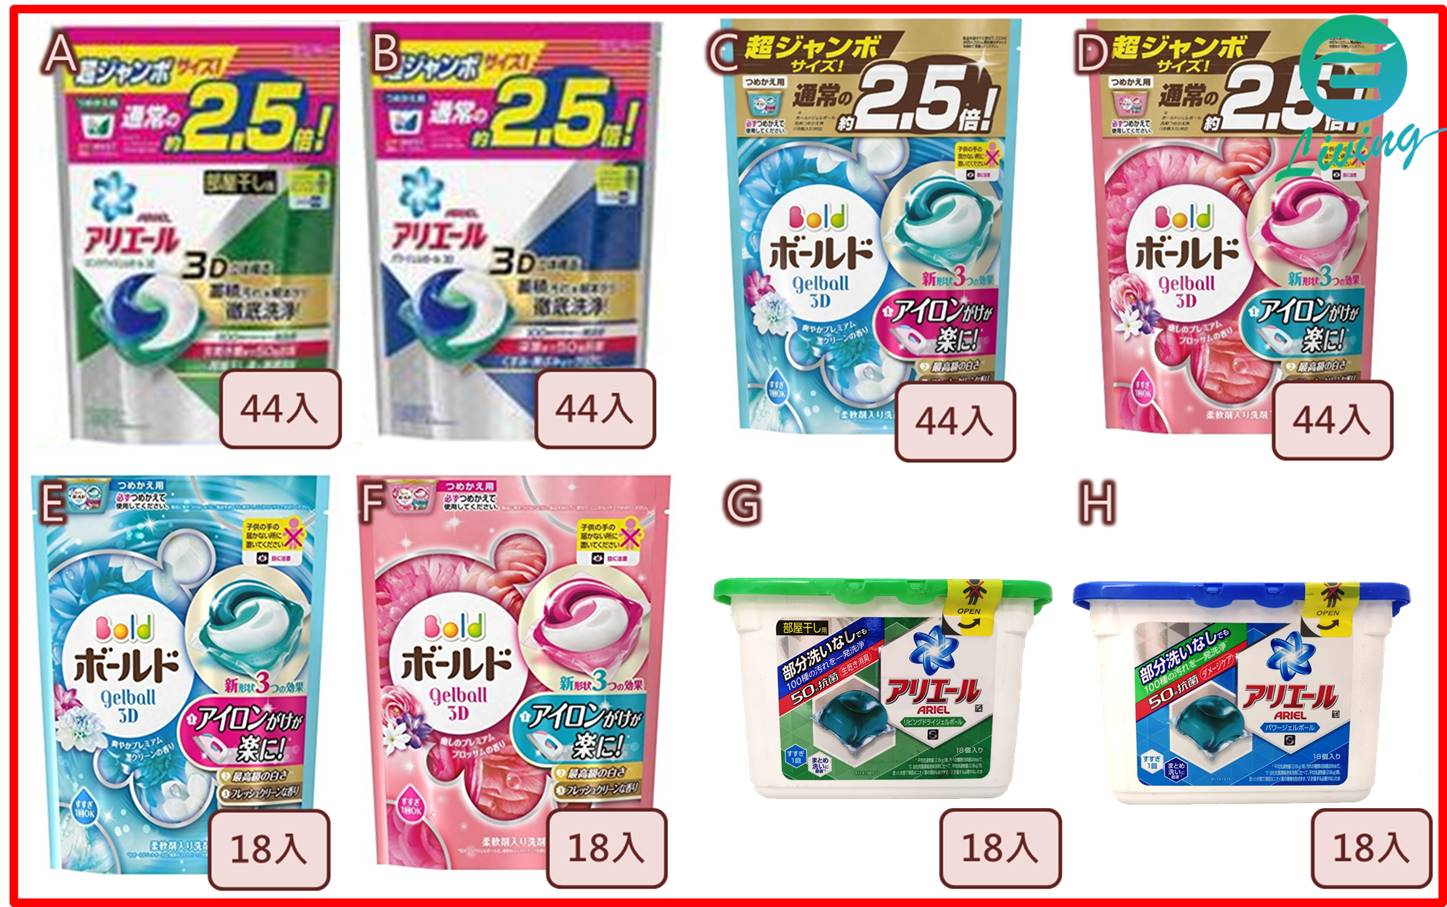 日本P&G BOLD、ARIEL 3D抗菌除垢洗衣球/洗衣膠囊★18顆、44顆補充包↘平均$6.1元起/顆★4種全新香味 清洗潔淨衣物。人氣店家易生活ELiving的【洗衣洗碗系列專區】、P&G BO